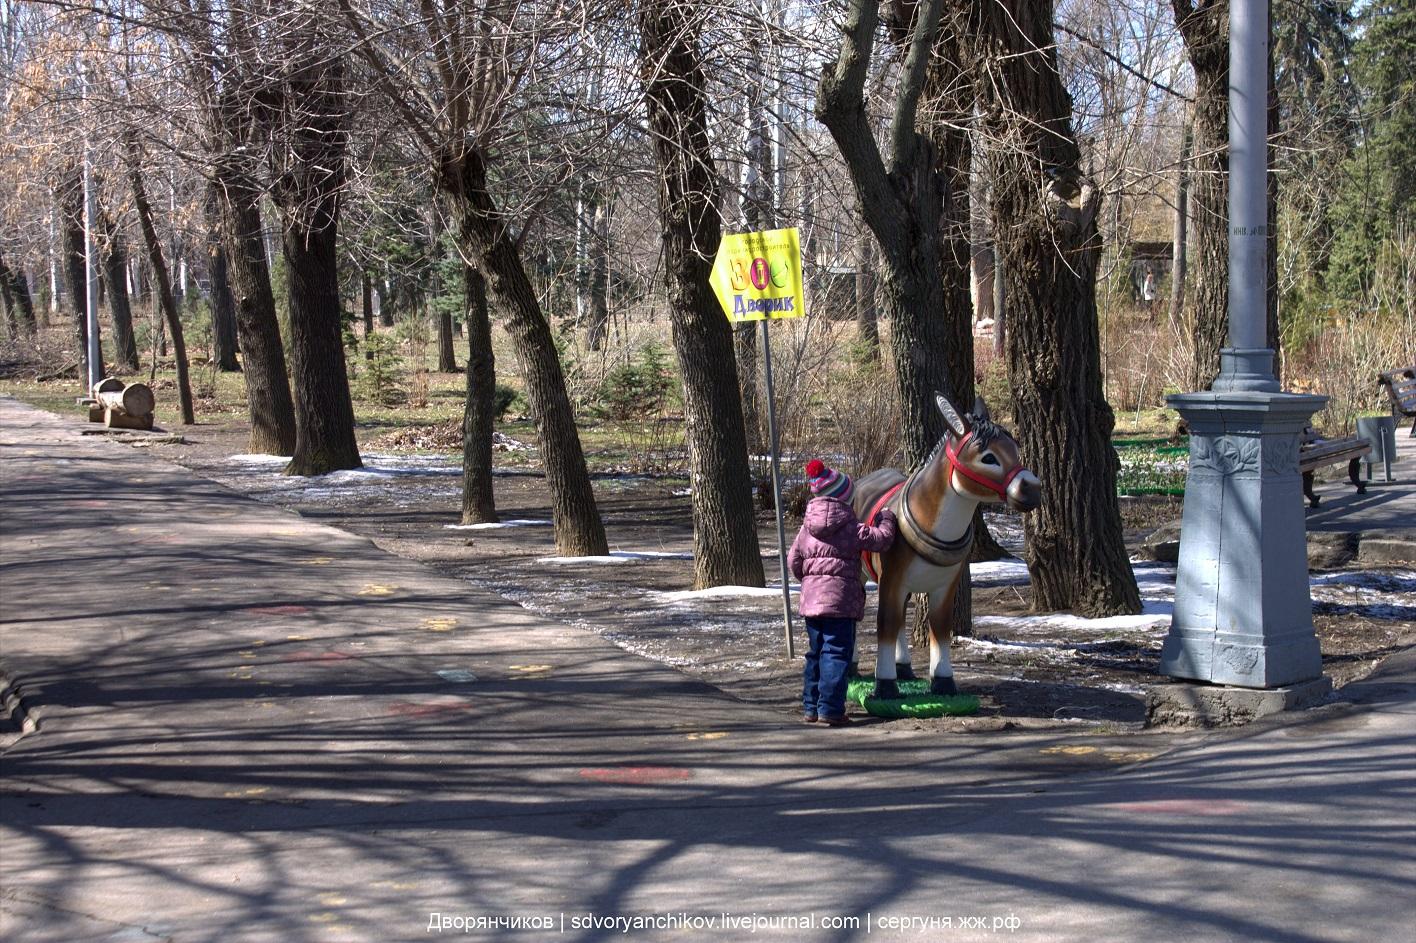 Парк ВГС - Сказочные новосёлы - 31 марта 2017